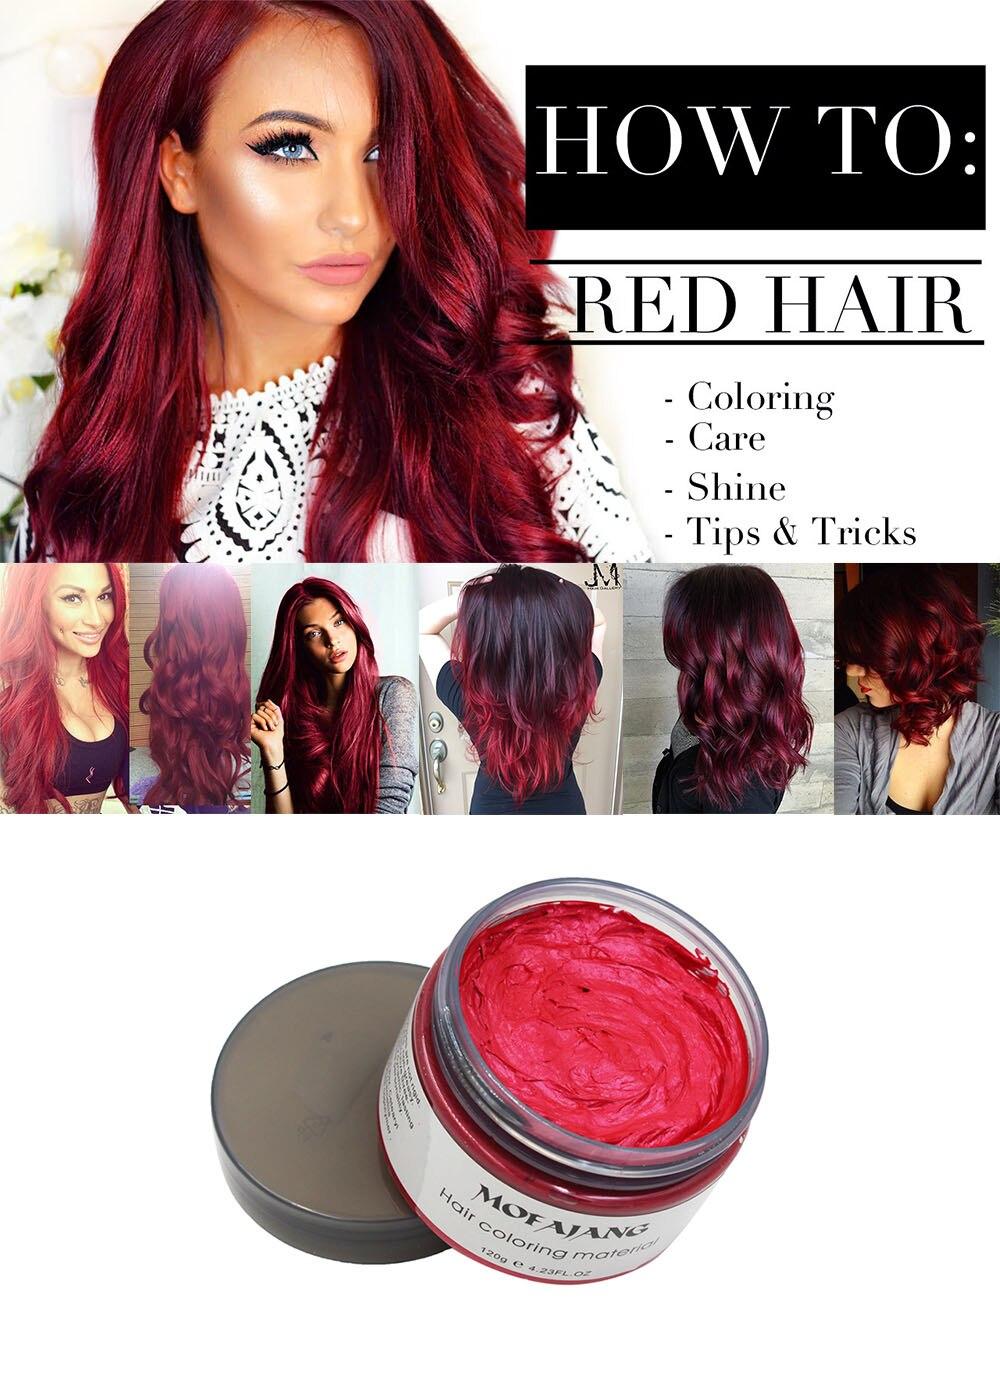 Red hair wax 13